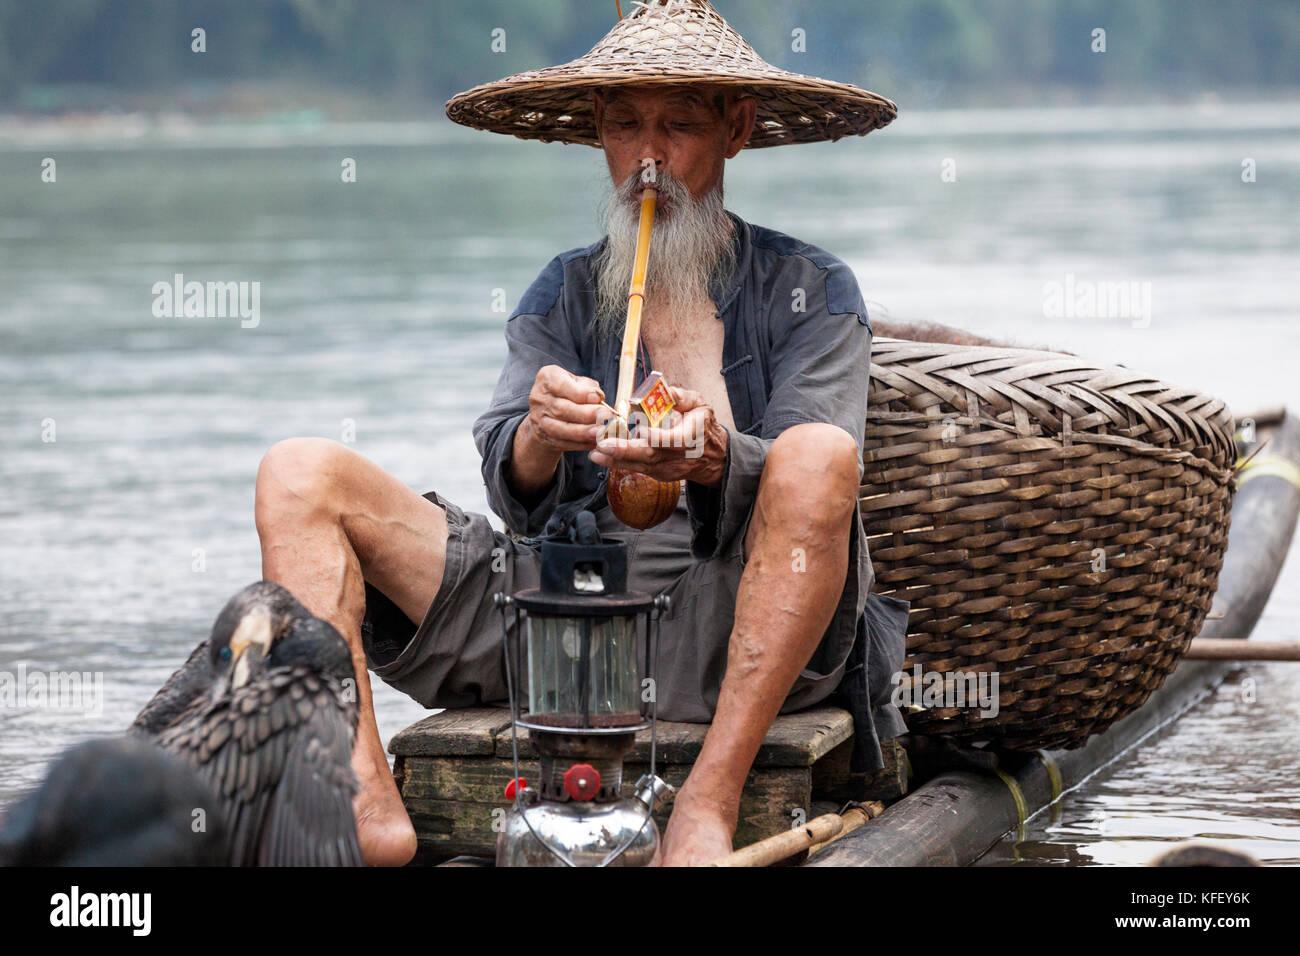 4afc3b6c An old fisherman prepares for fishing in a traditional way using hand  cormorant in Li River near Xingping, Yangshuo, Guangxi, China